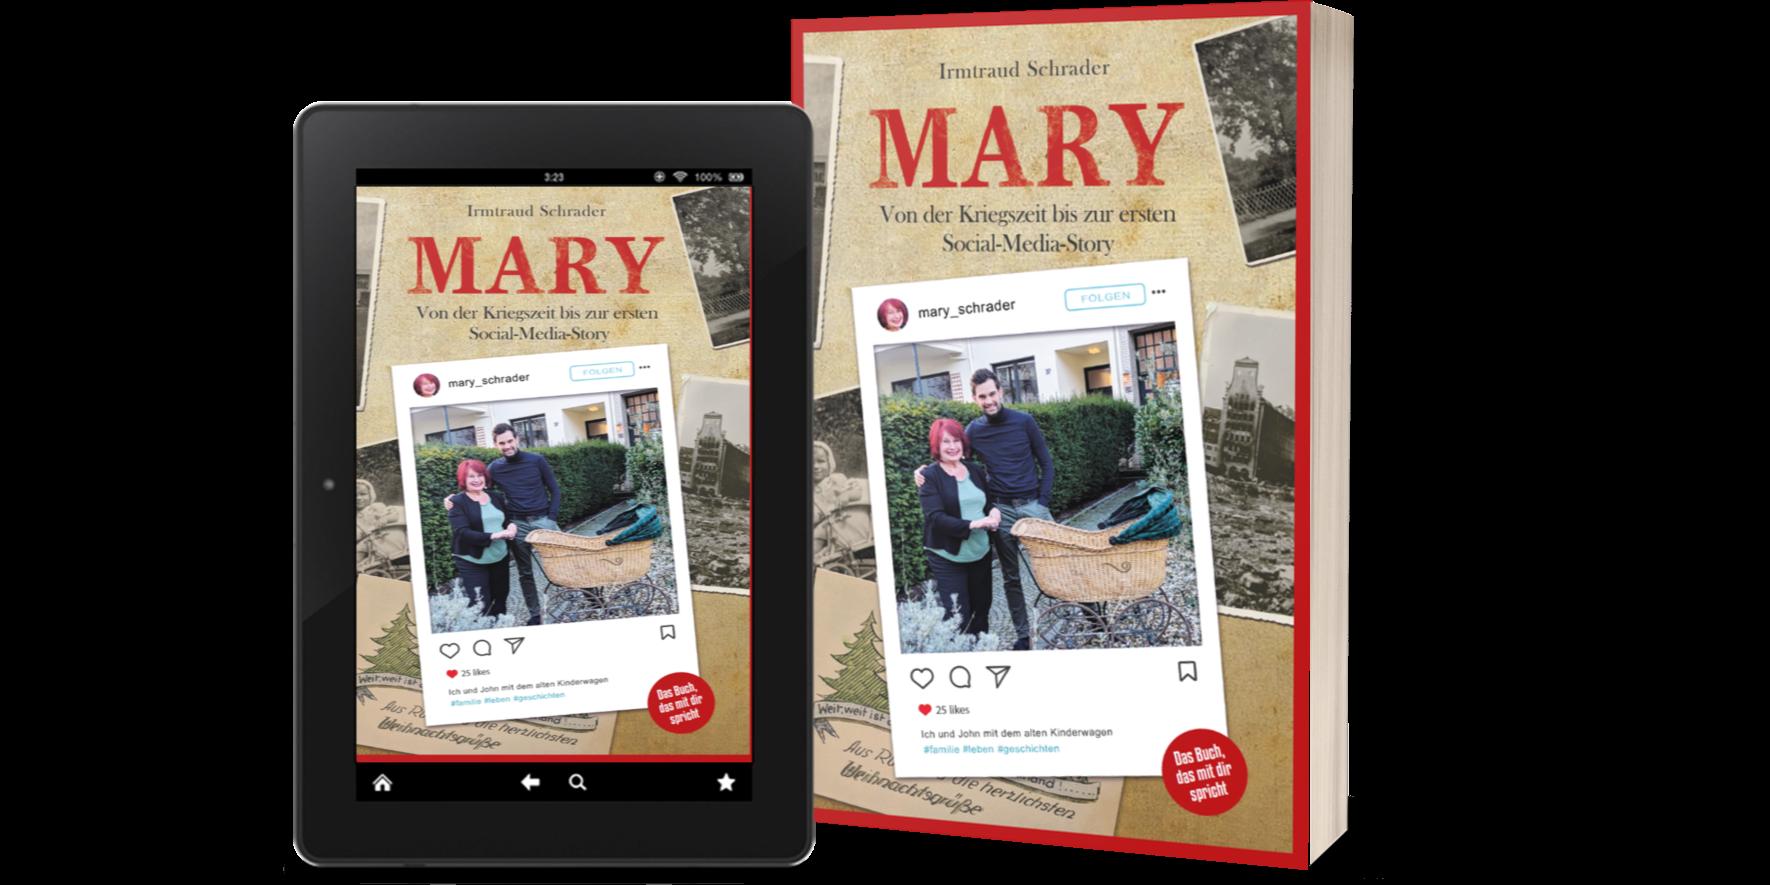 Irmtraud Schrader - Mary - Von der Kriegszeit bis zur ersten Social-Media-Story